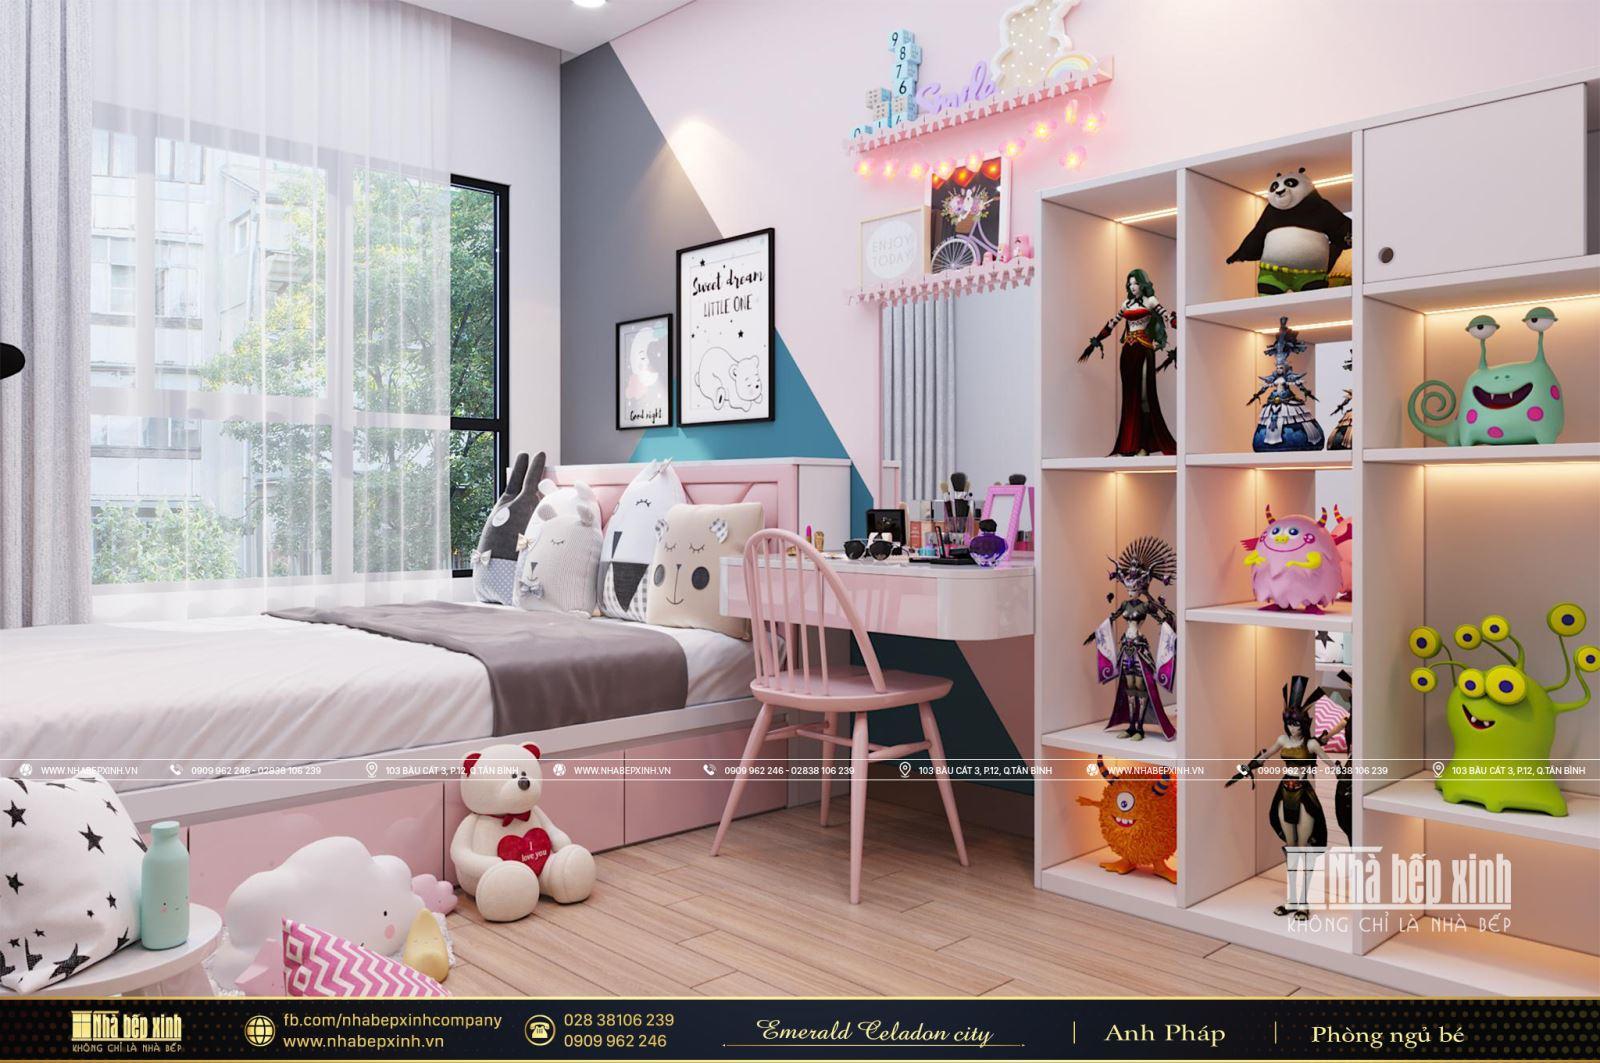 Thiết kế nội thất căn hộ chung cư cao cấp Emerald Celadon City 104m2